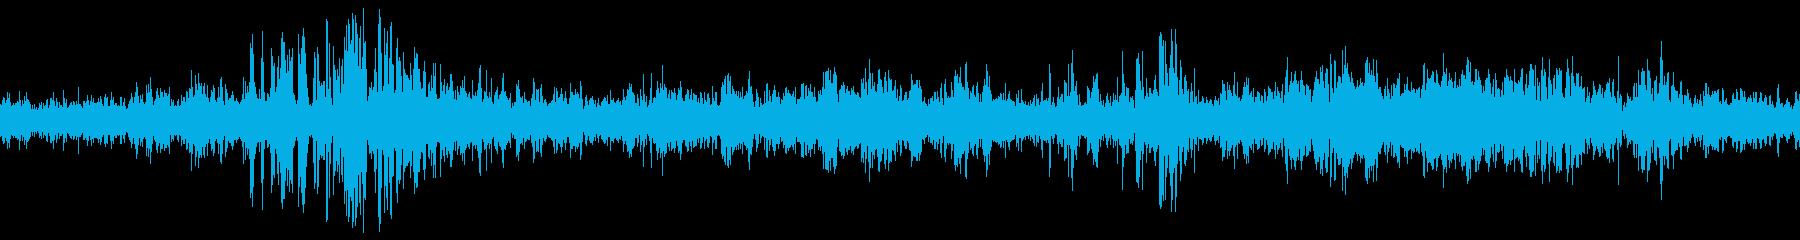 オープンワイヤ:増幅された静的ノイズ静的の再生済みの波形